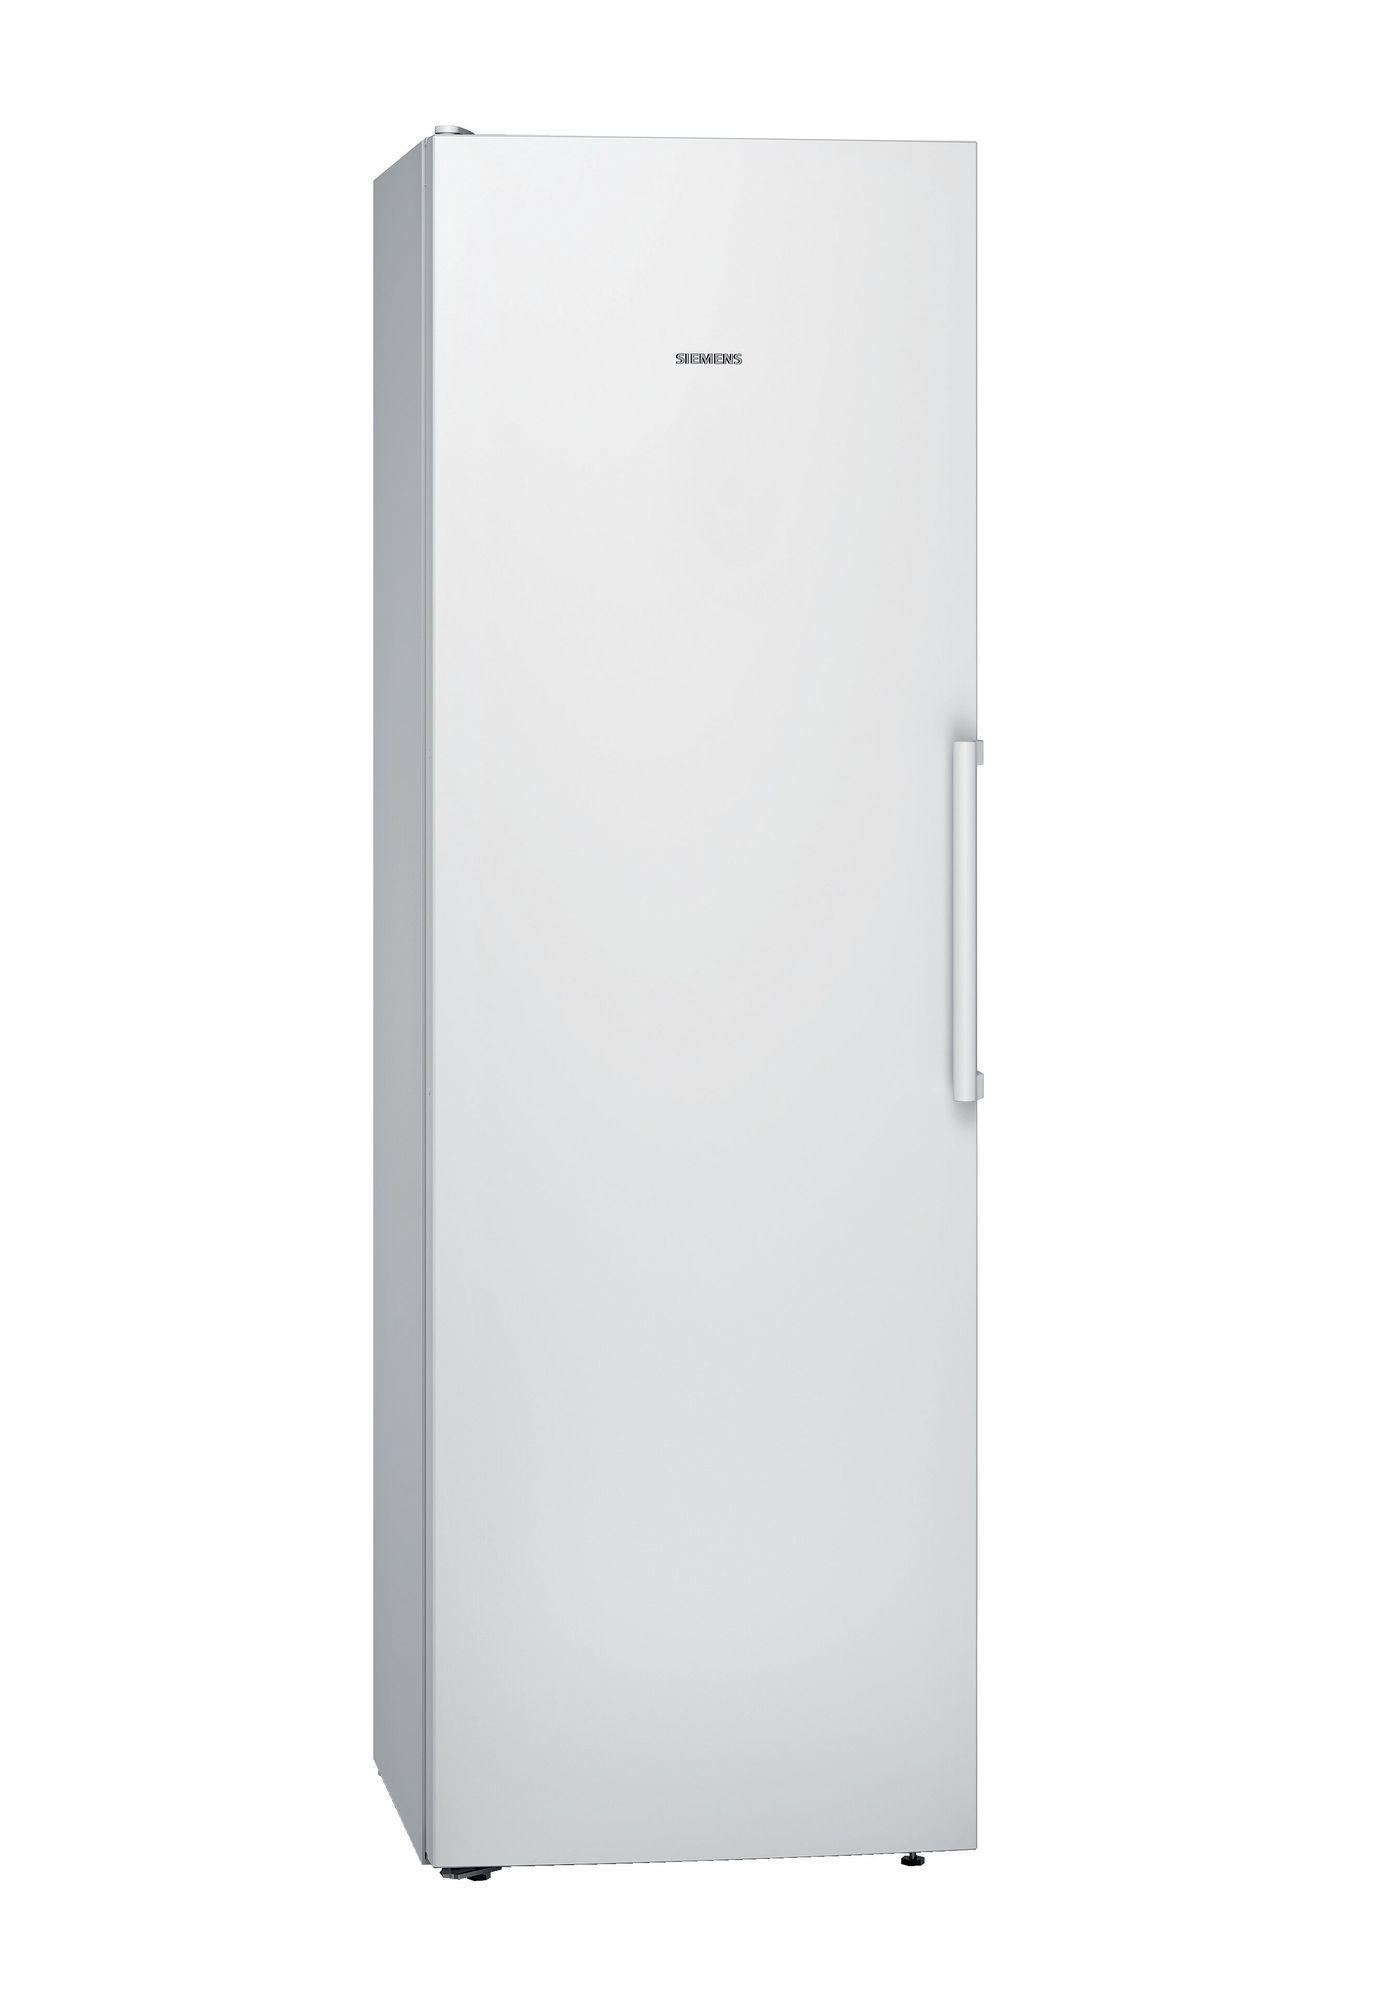 Image of iQ300 KS36VVWEP 346 Litre Single Door Fridge | White